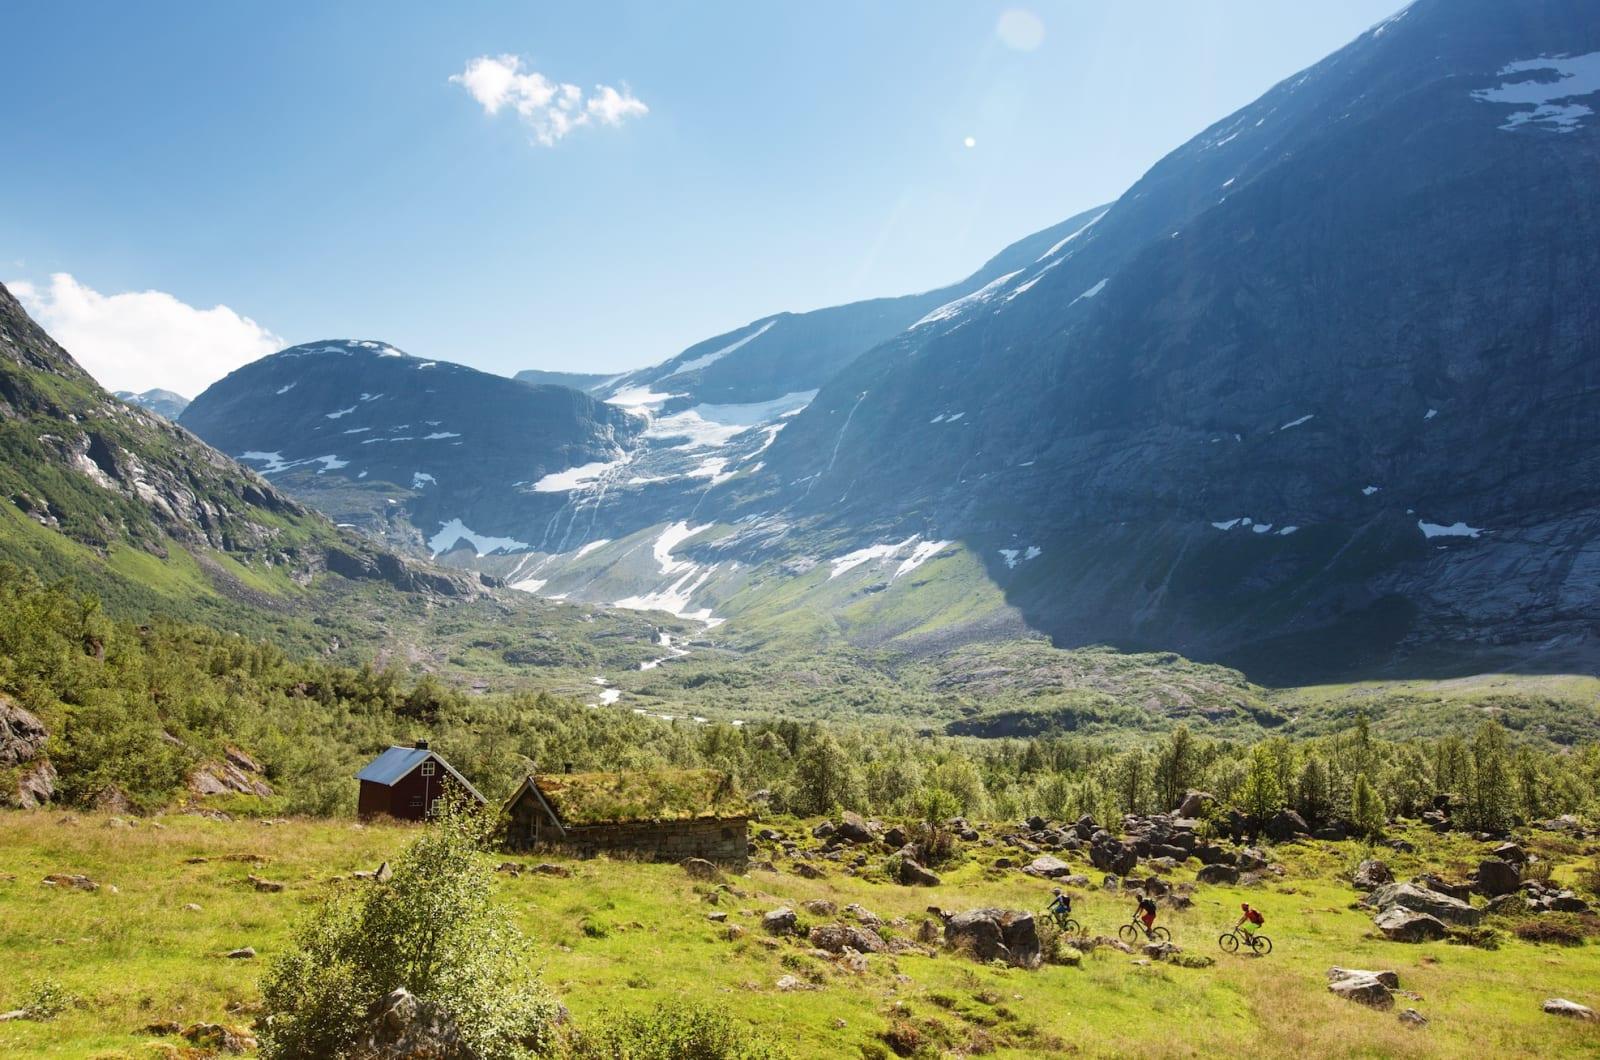 POSTKORTNORGE: Er du svak for nasjonalromantisk utsikt, bør du styre langt unna Erdalen en varm sommerdag i juli.